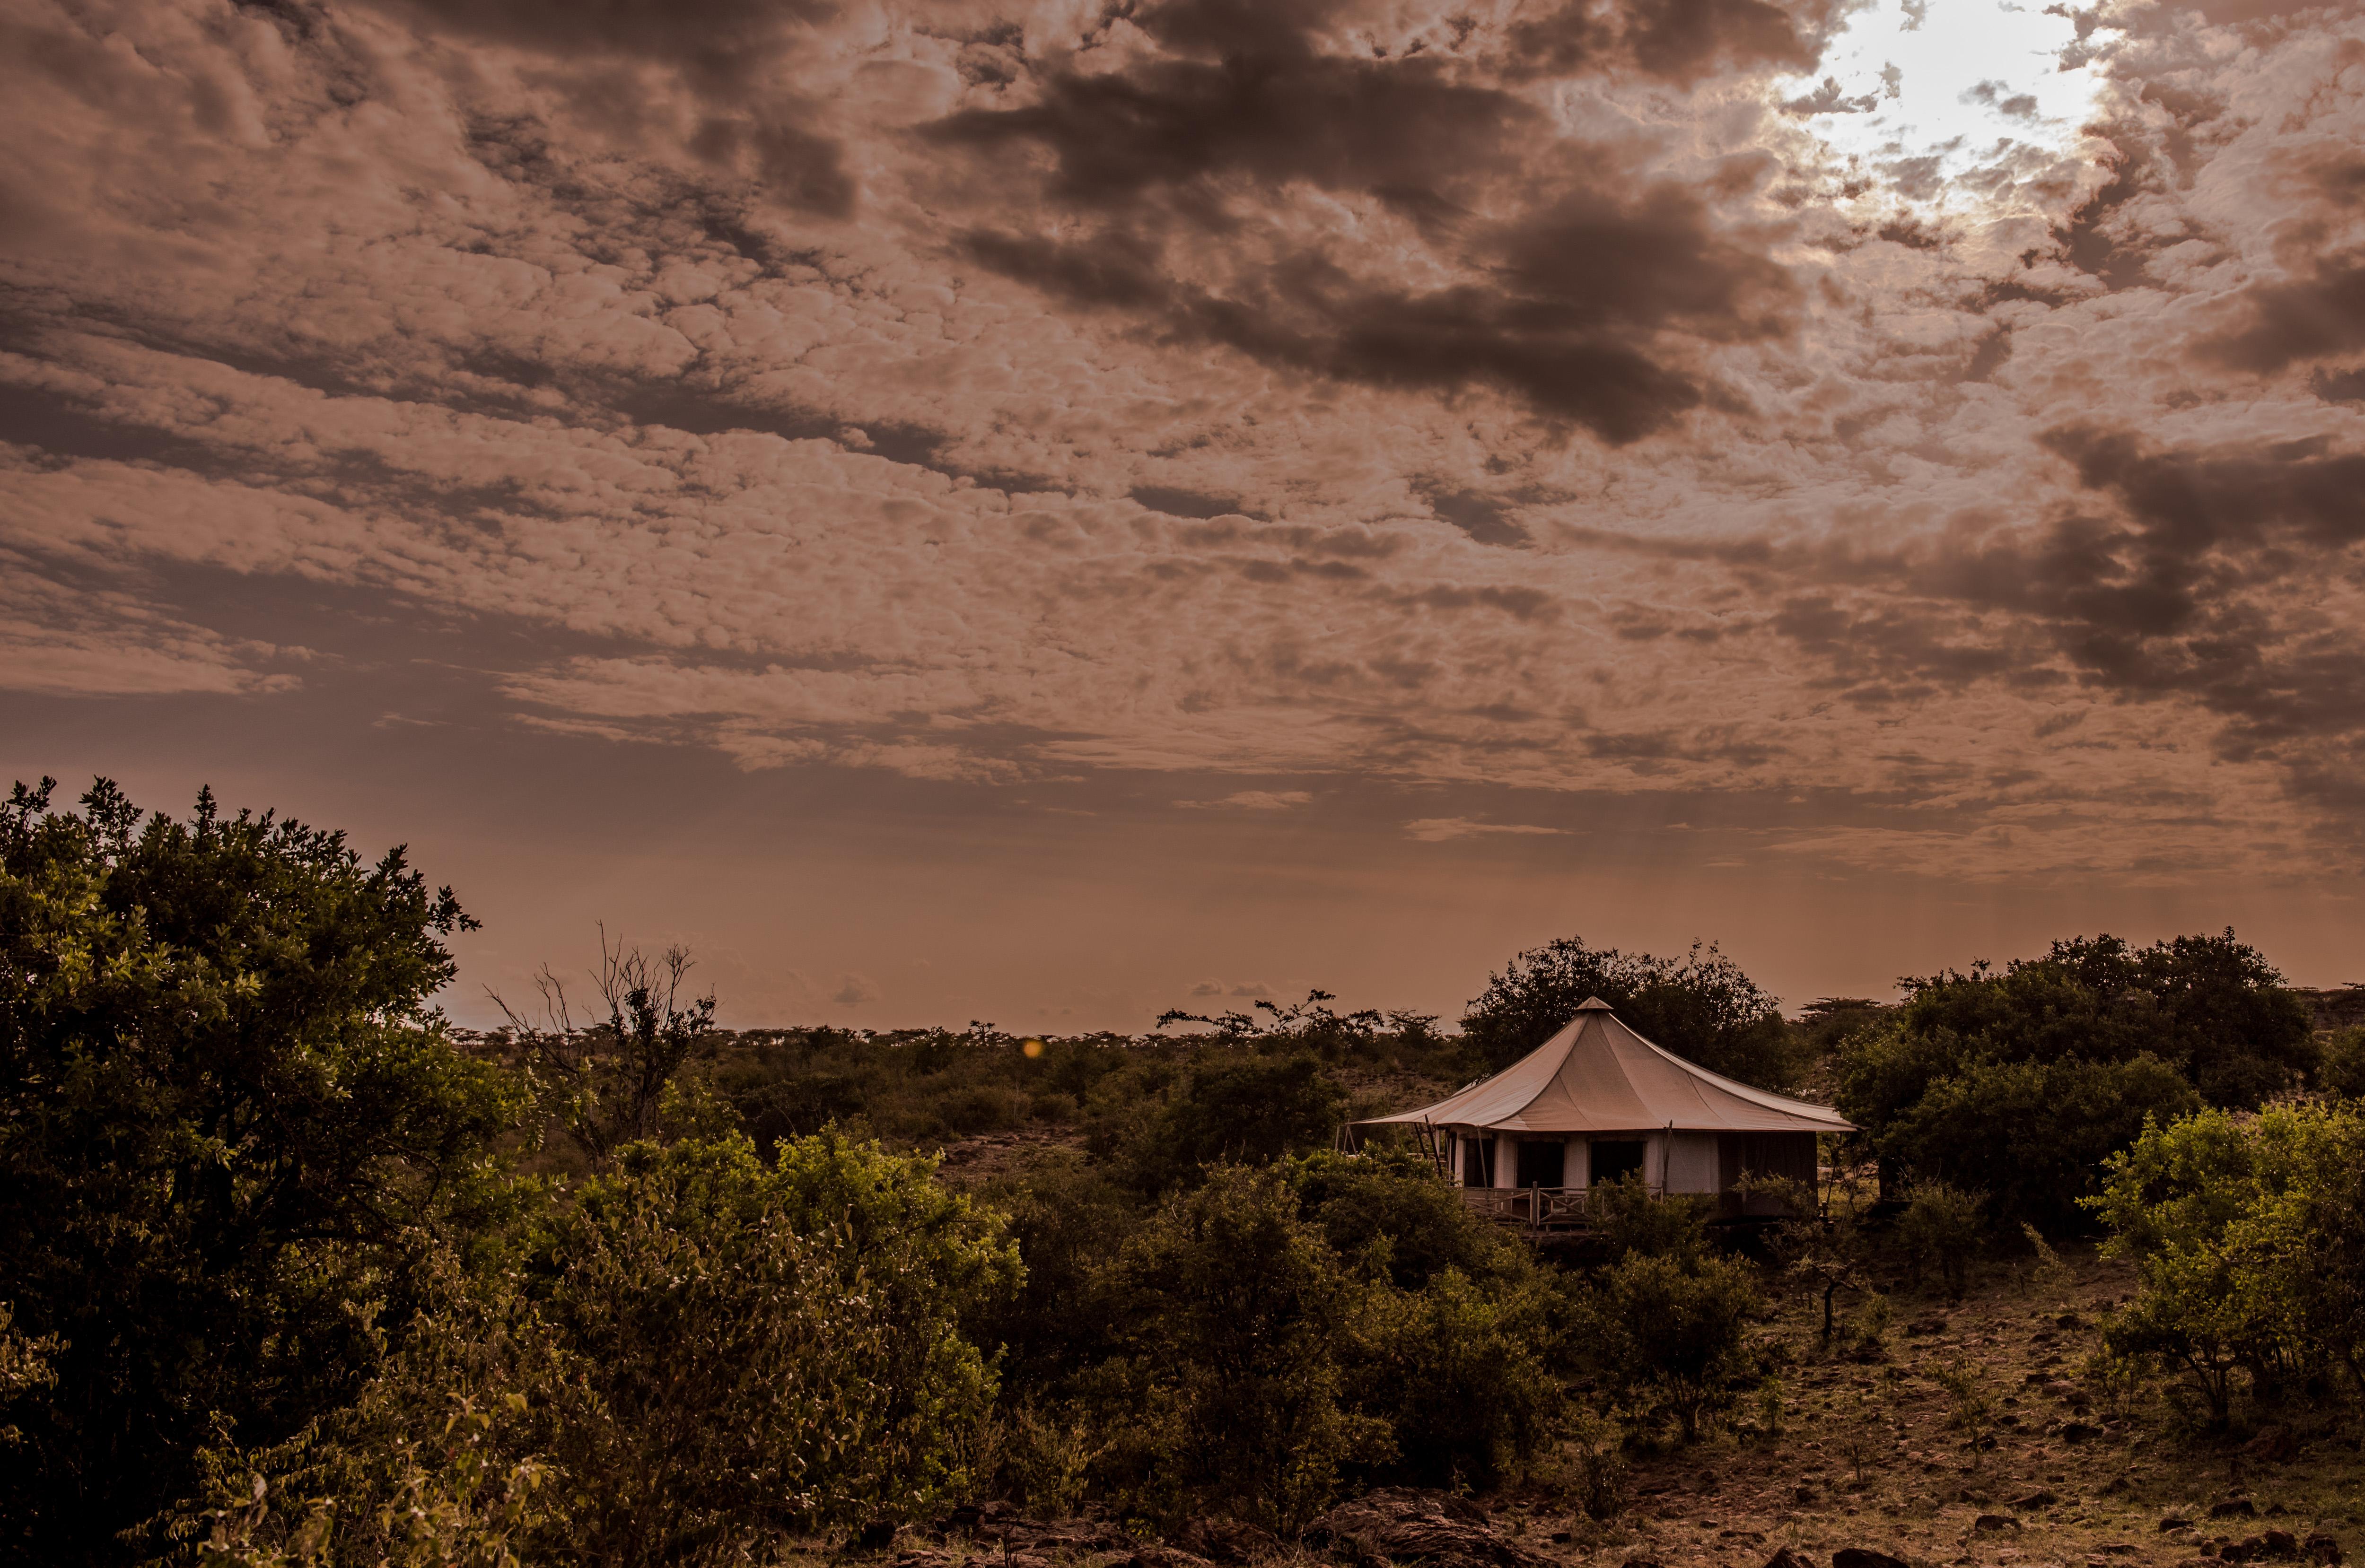 Ol_Seki_Hemingways_Mara-Simba_Tent_Exterior-Kenya